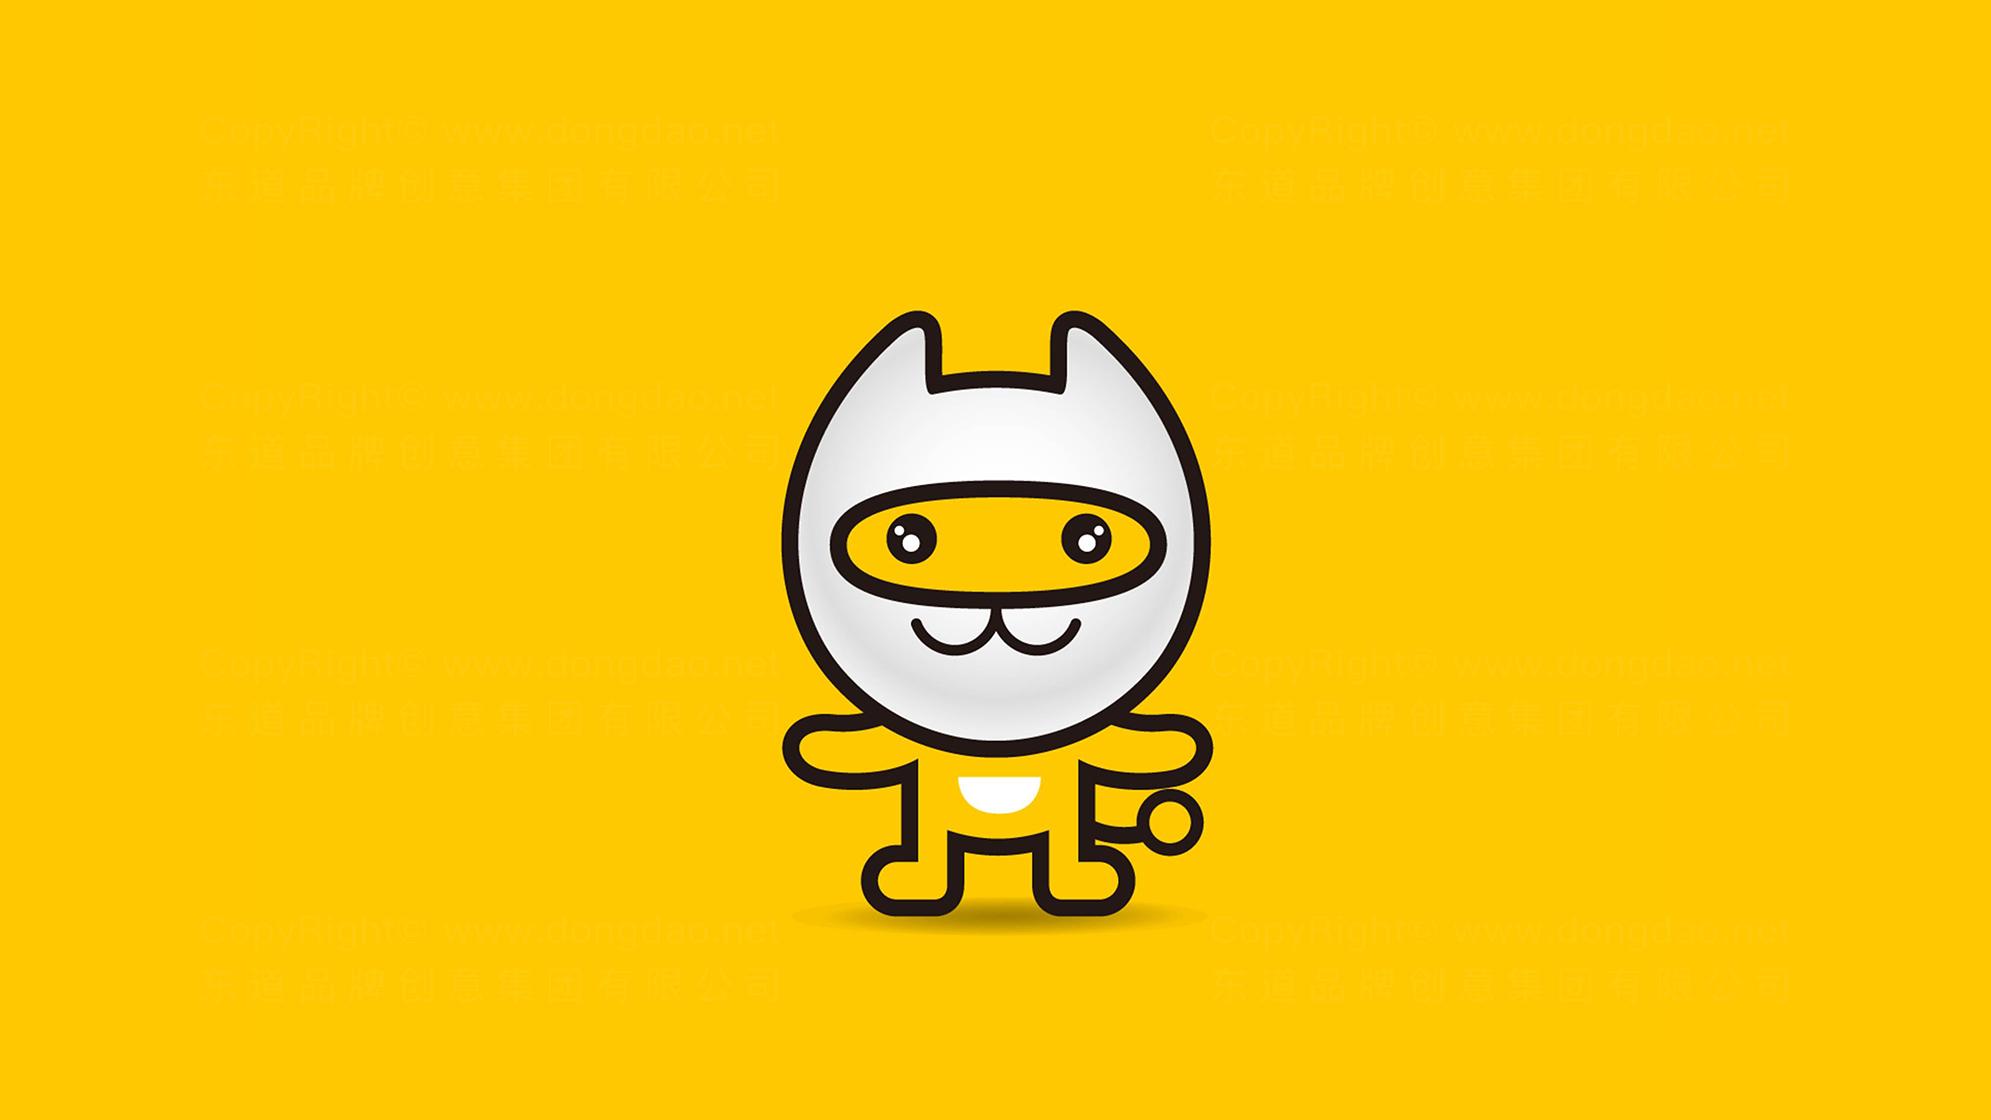 品牌设计一猫汽车logo设计、vi设计应用场景_2